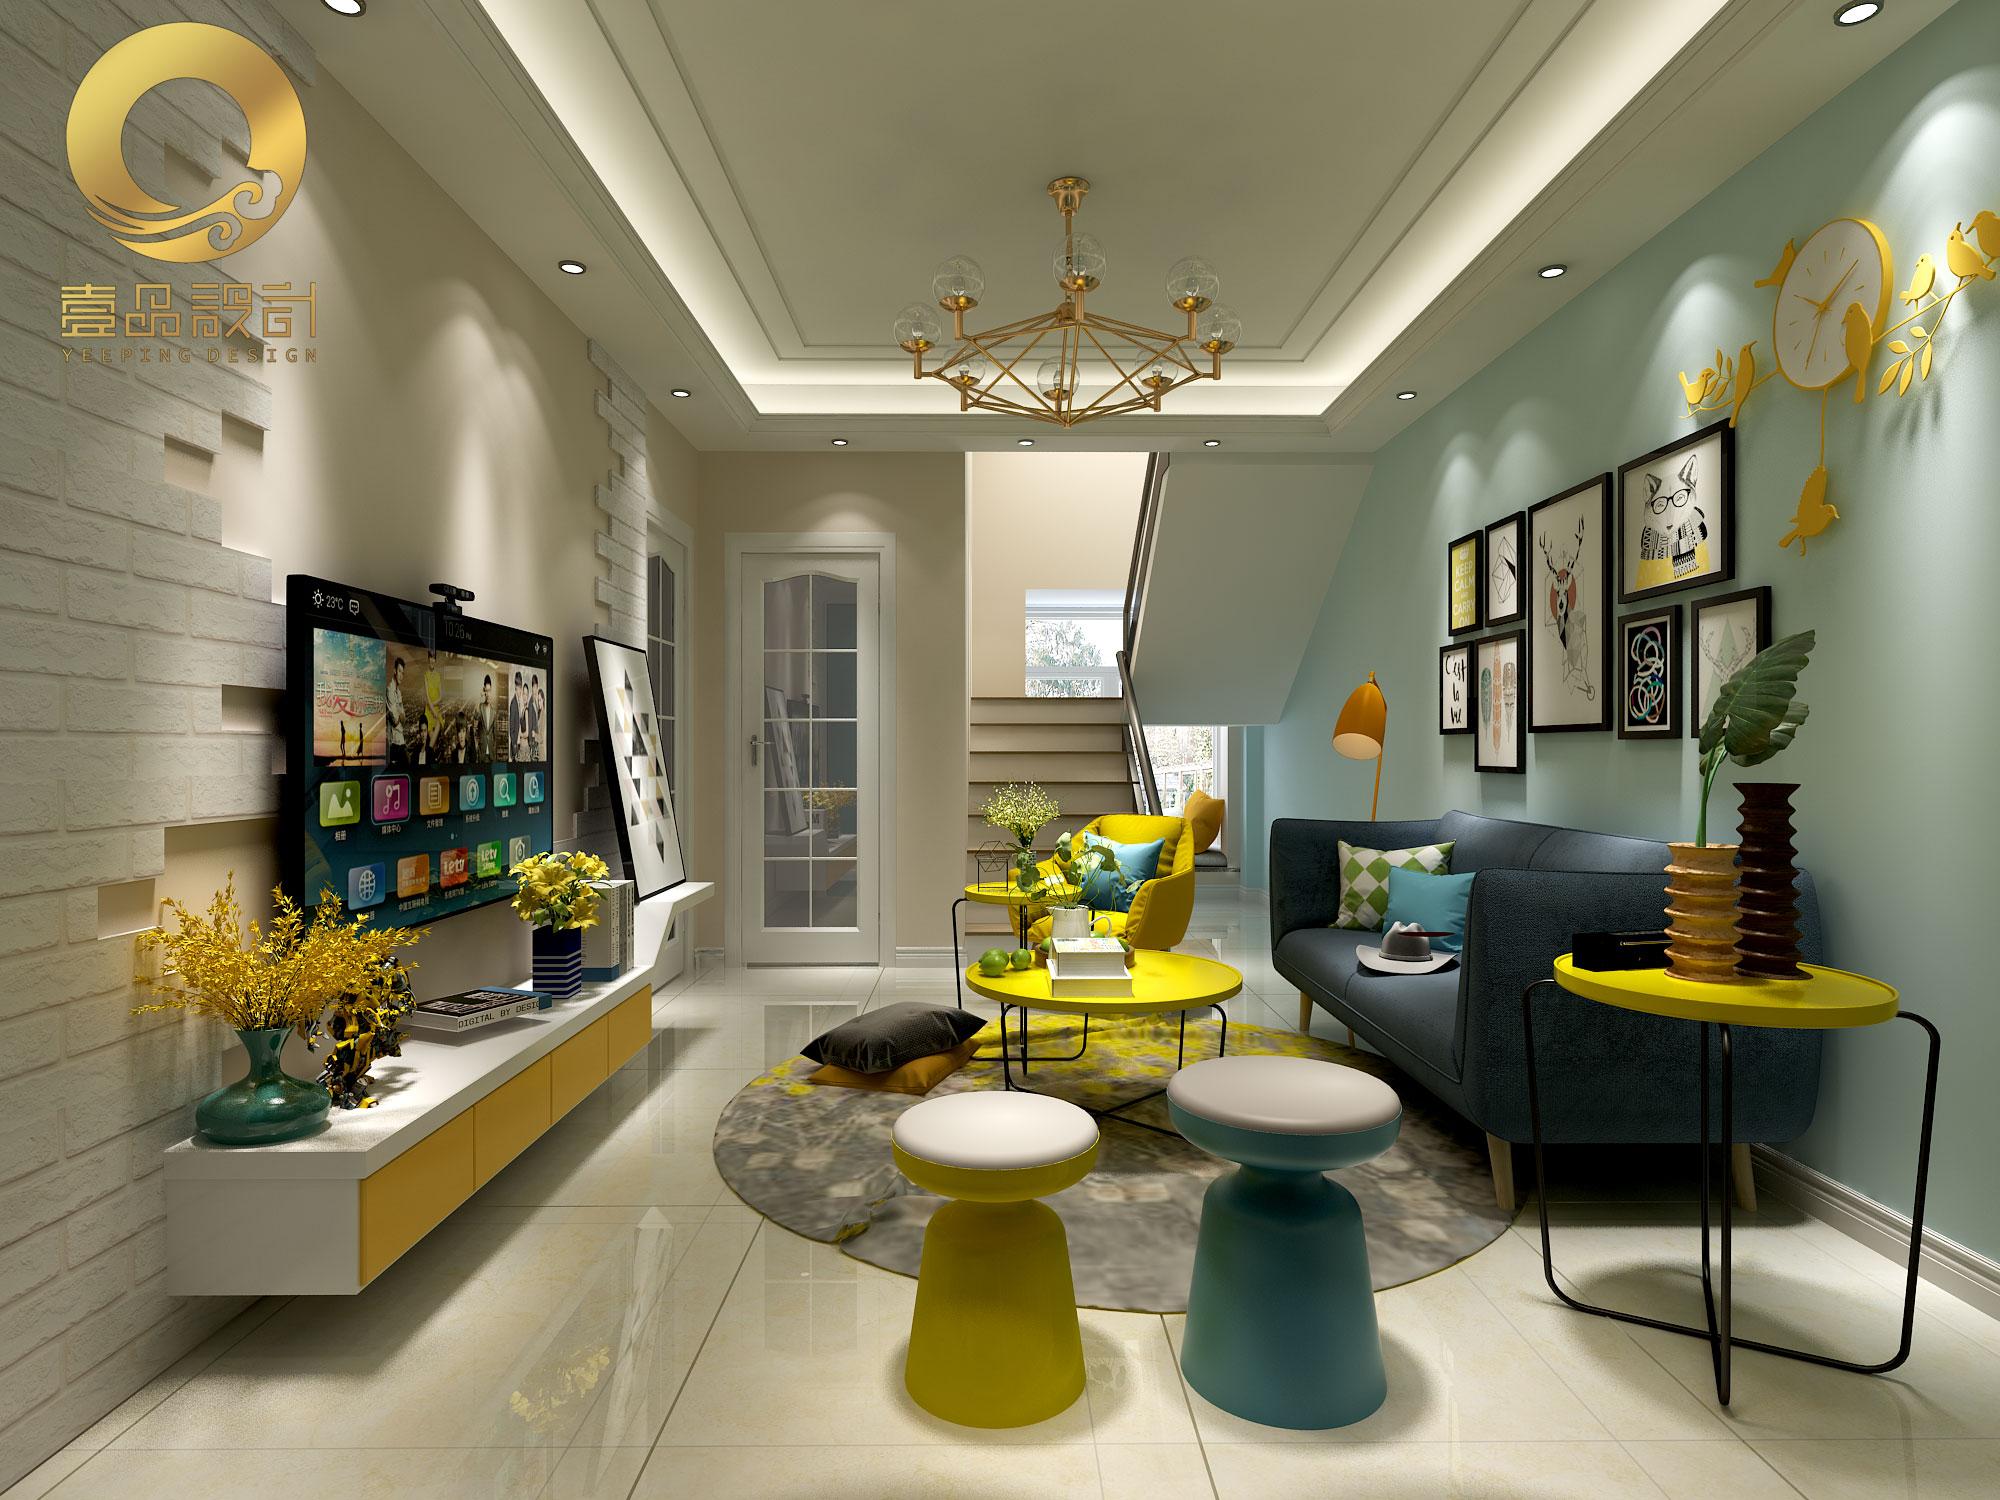 北欧风格设计室内装修设计室内设计效果图设计